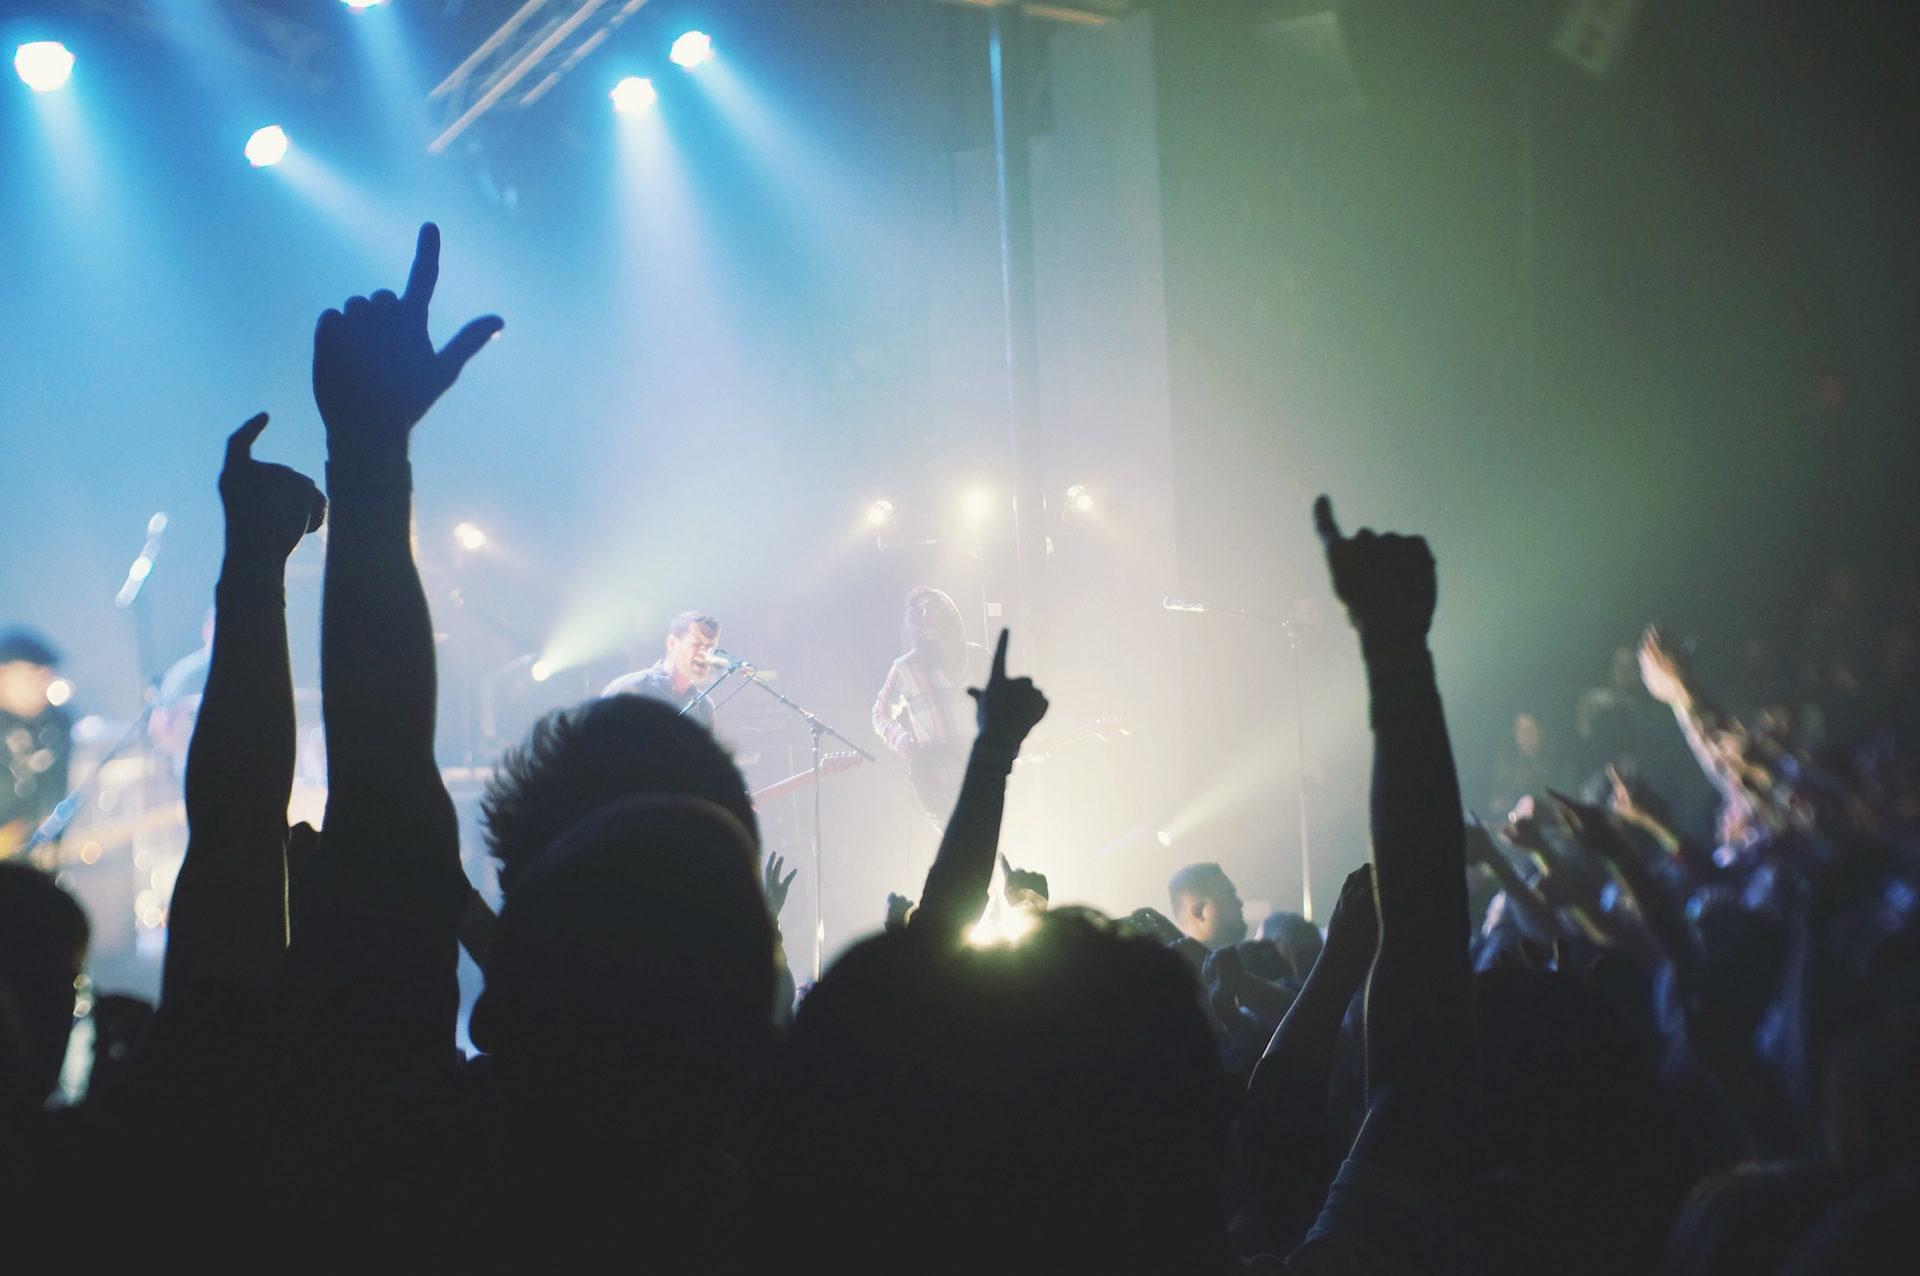 concerto, divertimento, mano, cantante, danza - Sfondi HD - Professor-falken.com